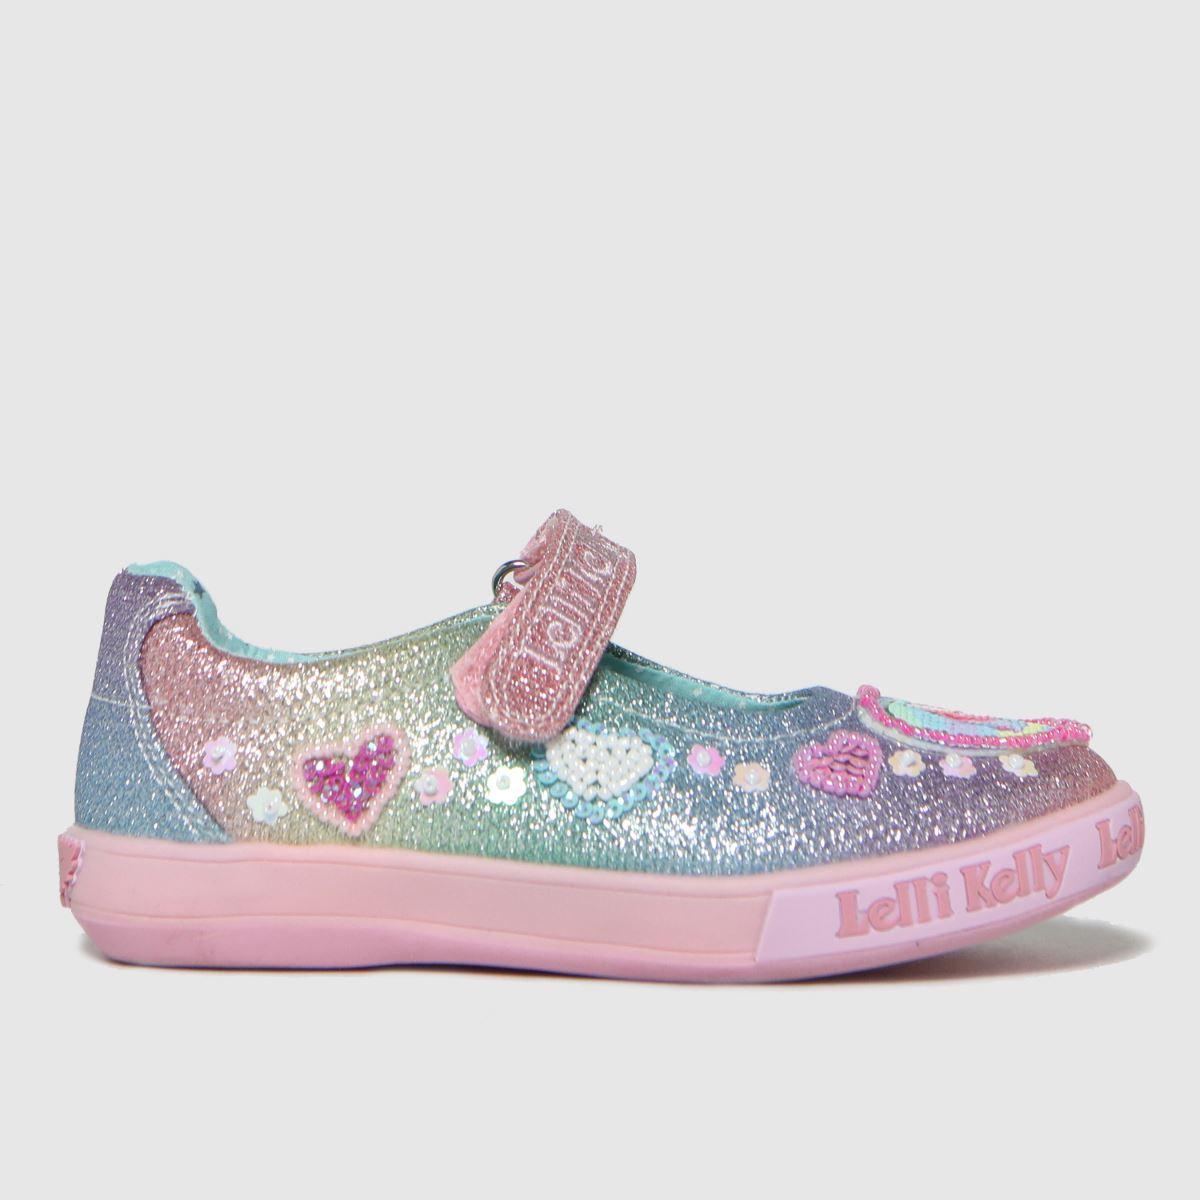 Lelli Kelly Multi Gem Dolly Boots Junior